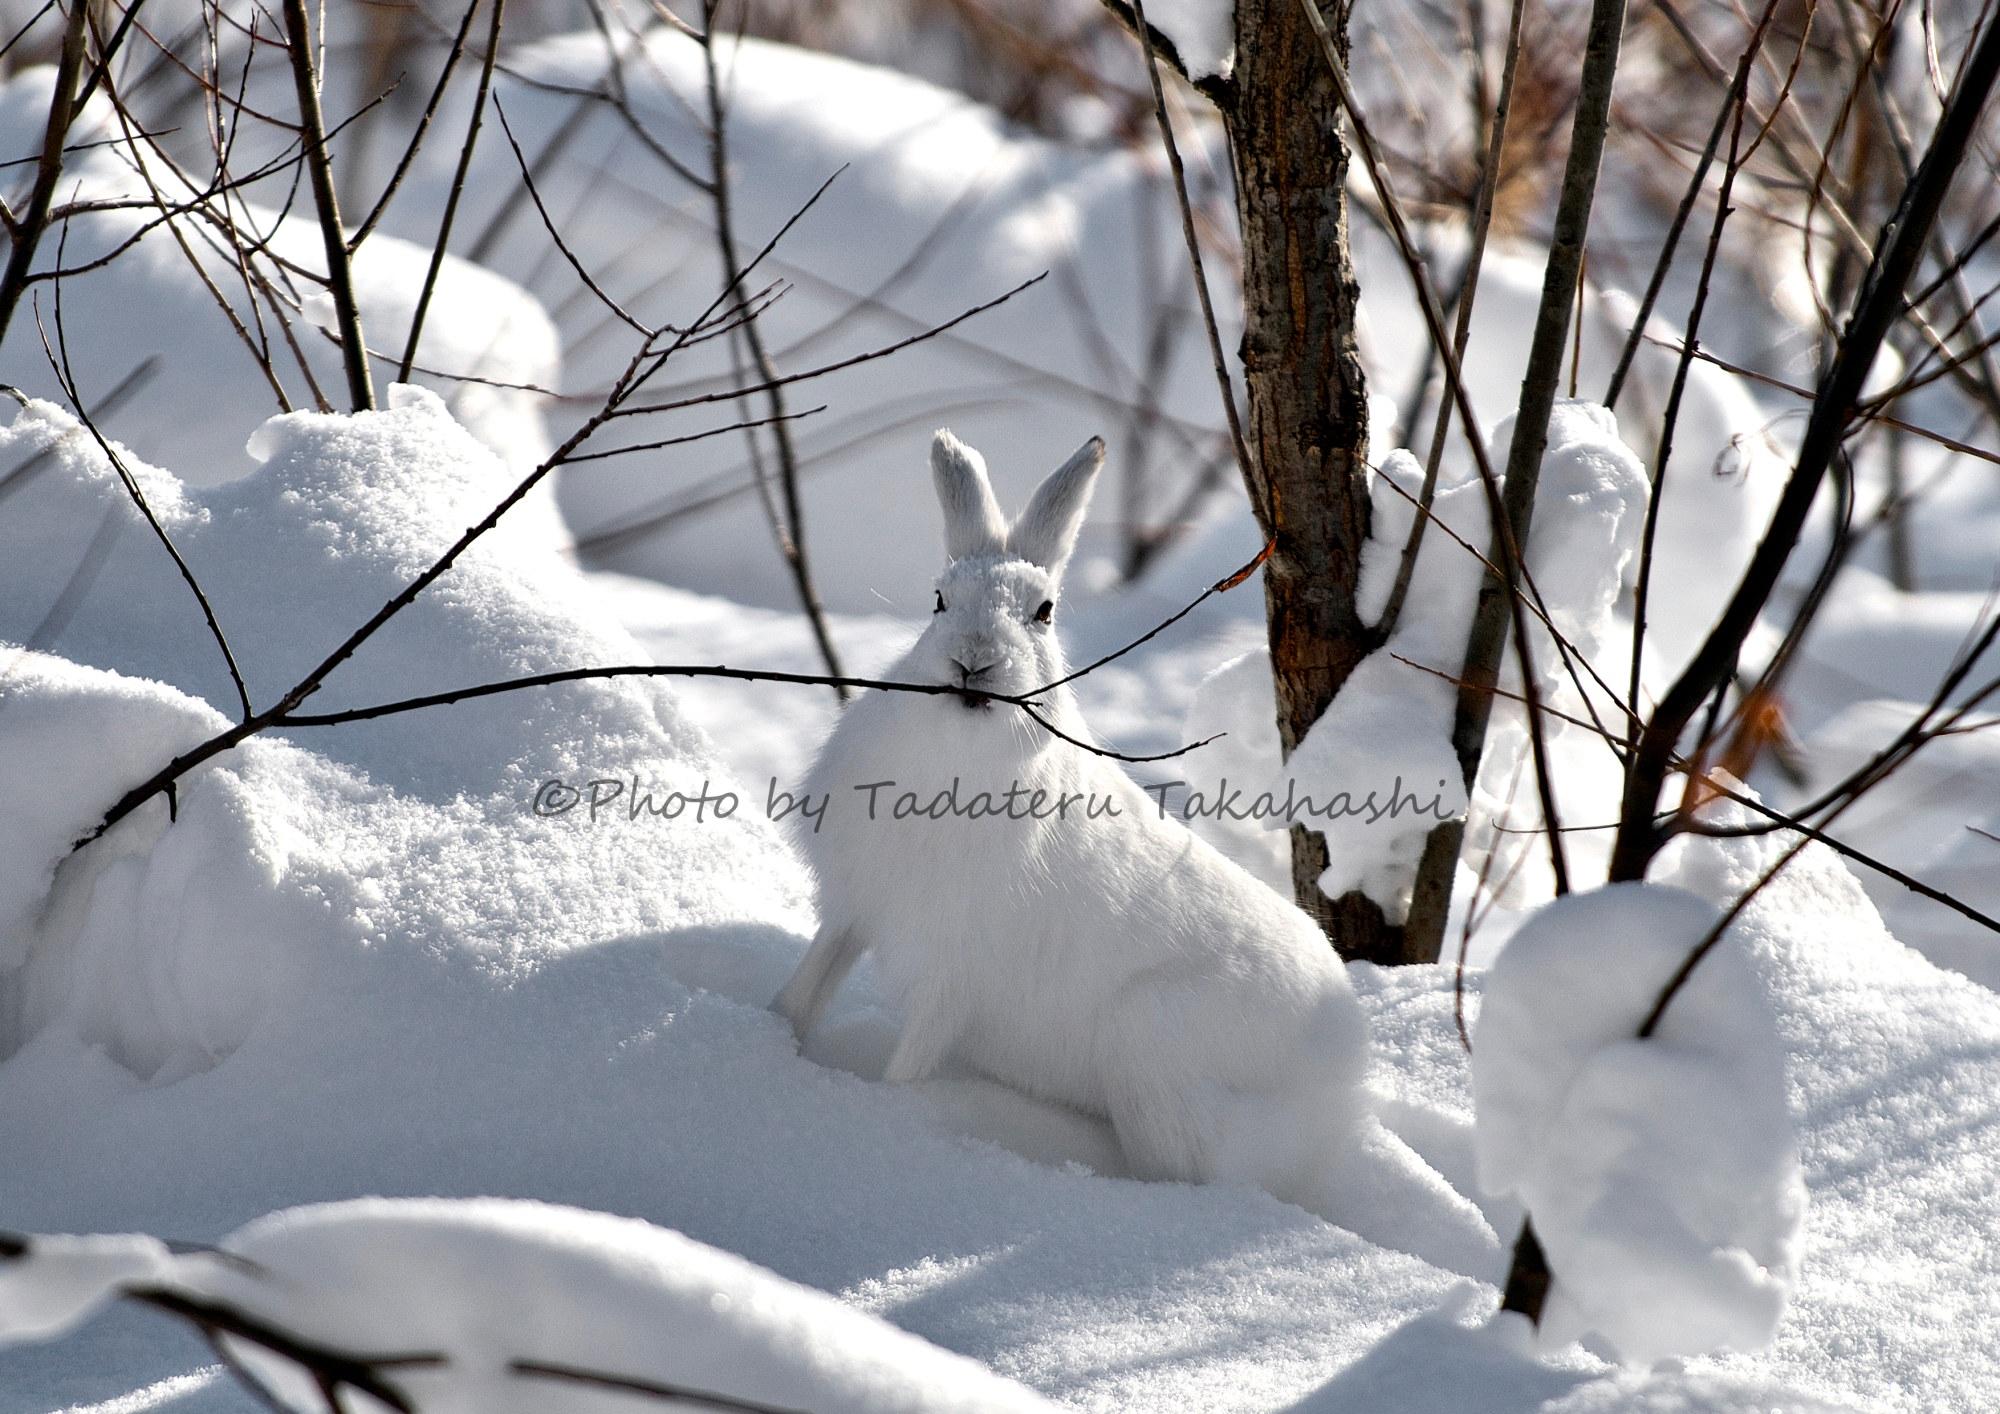 ネコヤナギの枝を食べるエゾユキウサギ